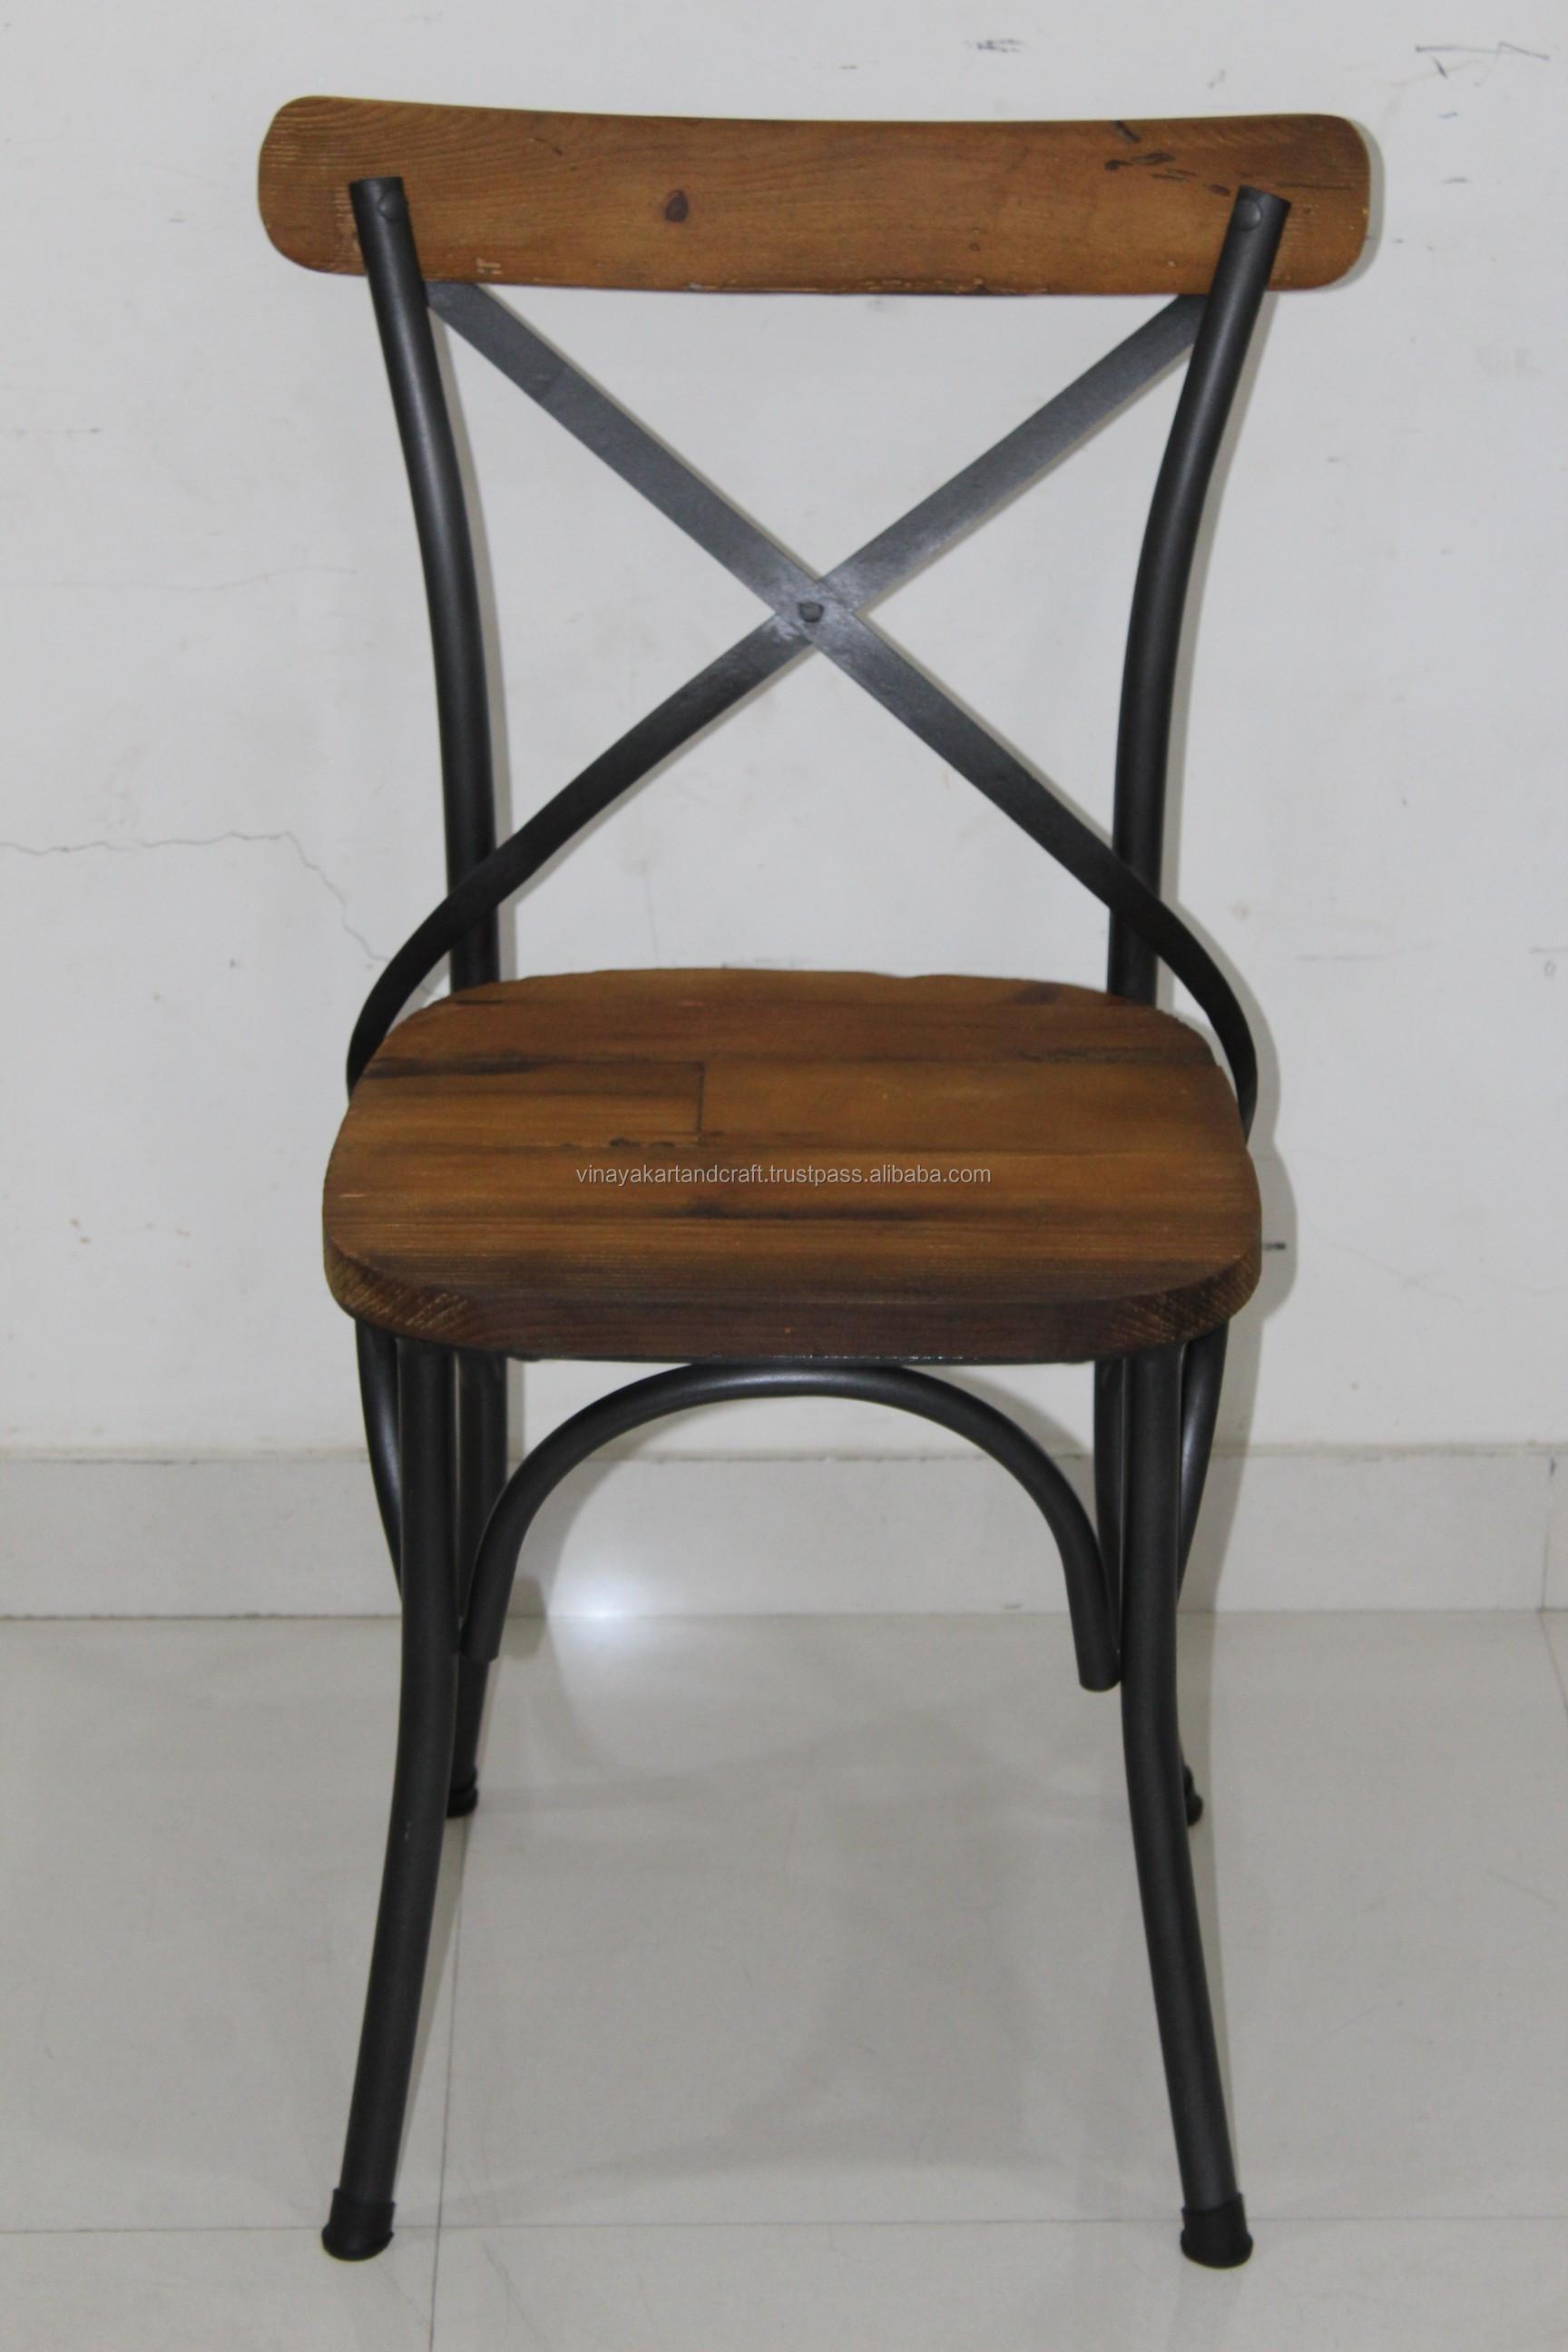 Chaise Bois Et Metal Industriel vintage industriel x chaise arrière style français antique pin bois x  chaise arrière restaurant café salle À manger en bois fer x chaise arrière  - buy